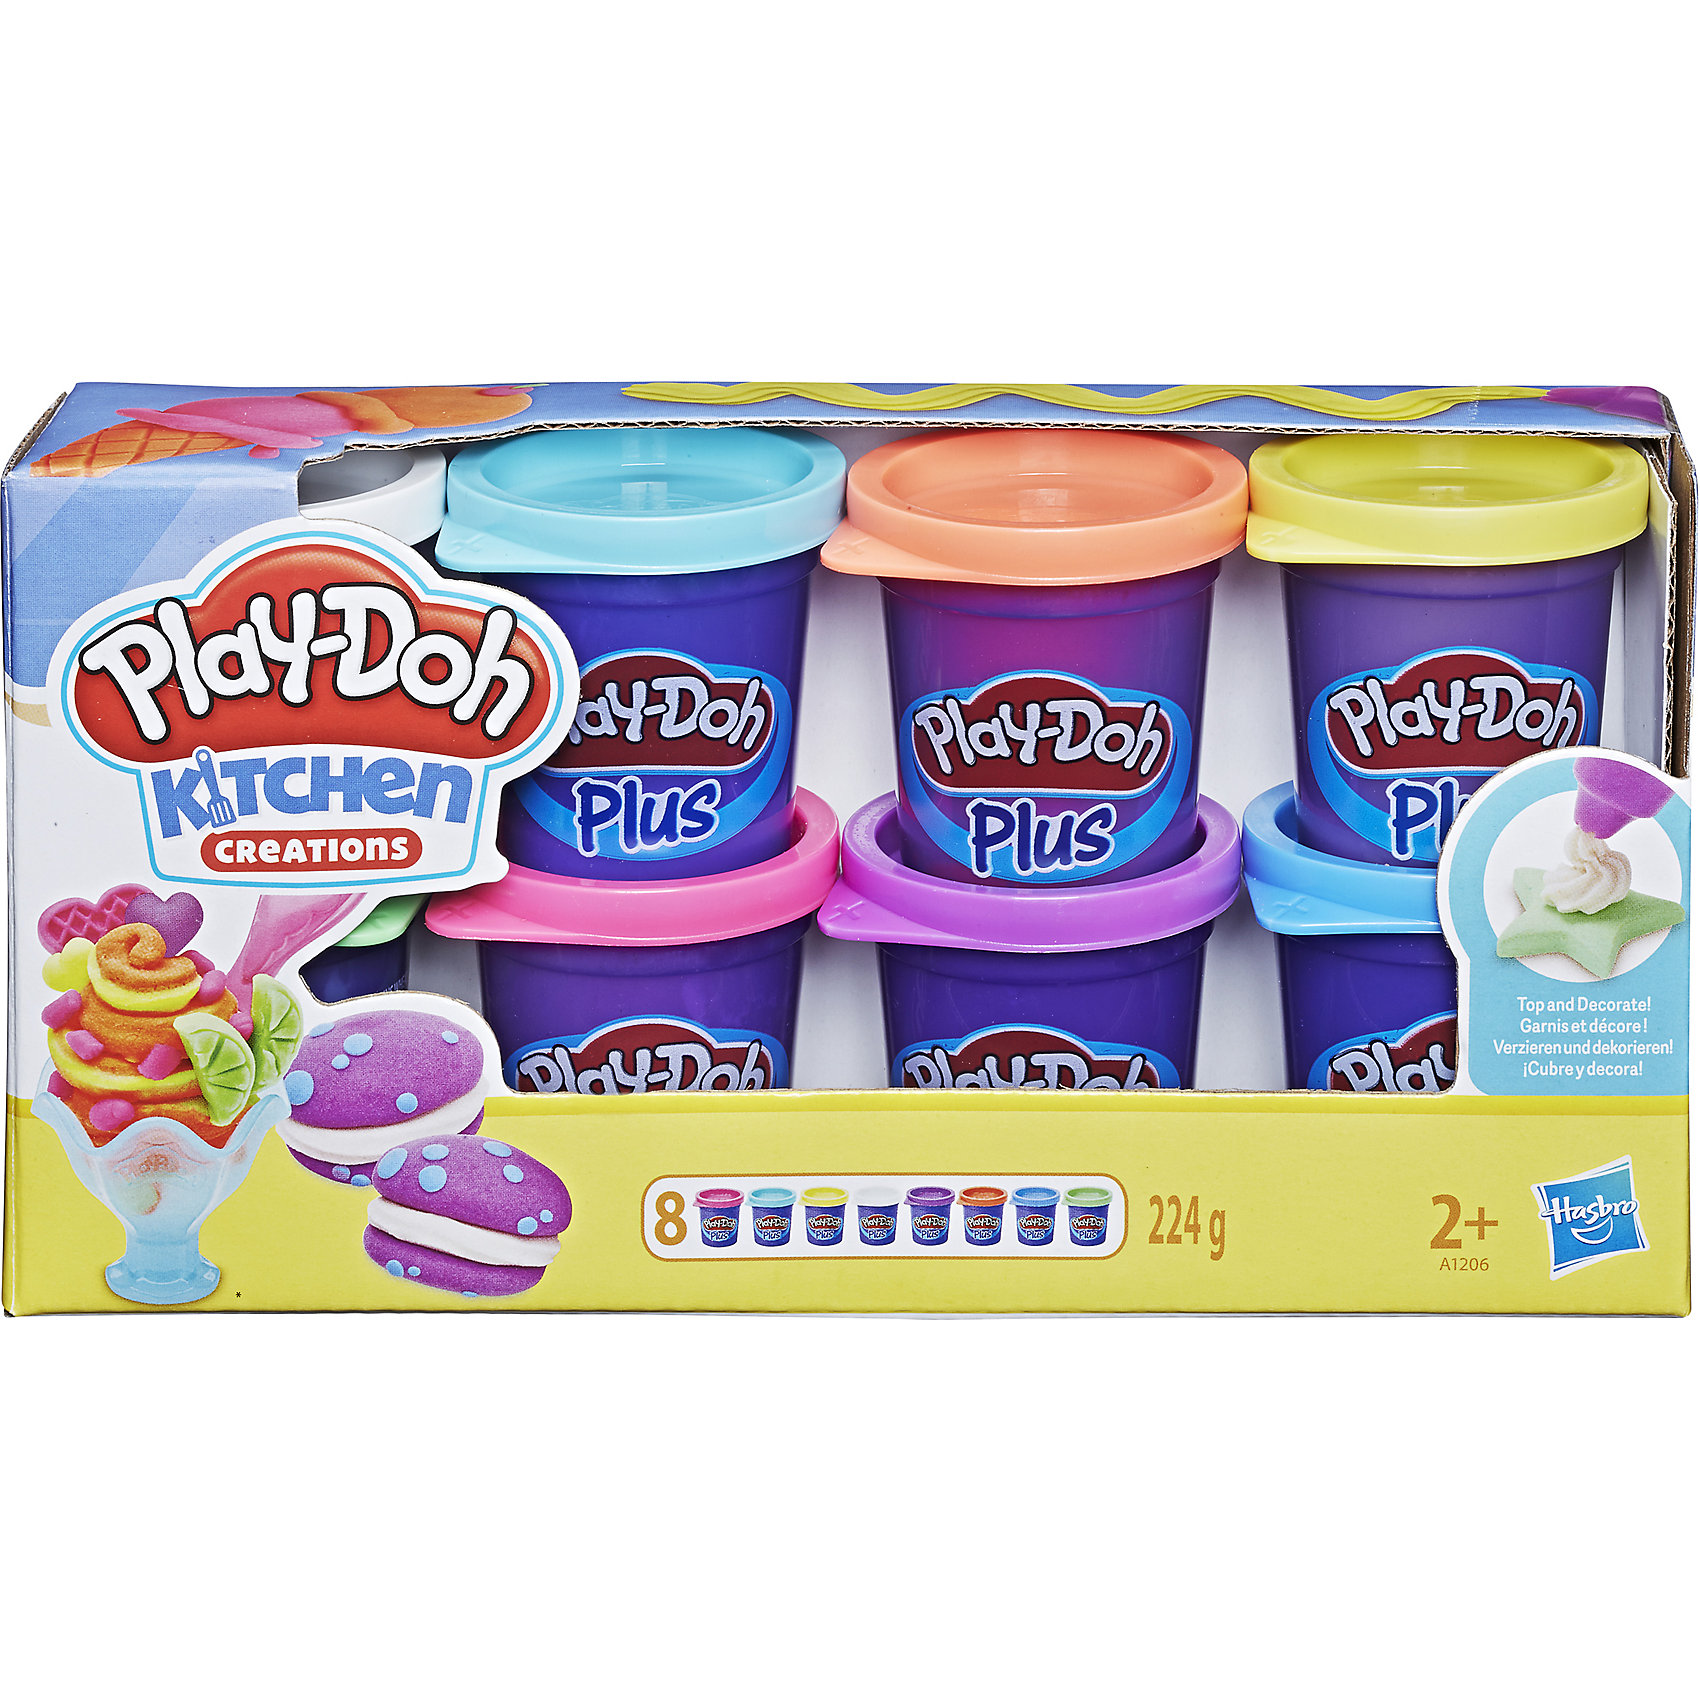 8 банок пластилина Play-Doh PLUSСенсация! При помощи нового пластилина Play-Doh PLUS (в синей баночке) Вы сможете слепить даже самые маленькие детали для Ваших шедевров! Тортики с розочками, мороженое и пирожные со всевозможными декоративными элементами, и это еще не предел.  Его структура более мягкая и приятная на ощупь. Имеет сладкий запах, но соленый на вкус!<br><br>Дополнительная информация:<br><br>-  в комплекте 8 банок Play-Doh ПЛЮС (зеленый, белый, светло-желтый, оранжевый, розовый, зеленый, фиолетовый, бирюзовый)<br>- Вес каждой банки: 28g <br>- Ультра-мягкая консистенция<br><br>8 банок пластилина Play-Doh PLUS можно купить в нашем магазине.<br><br>Ширина мм: 219<br>Глубина мм: 114<br>Высота мм: 60<br>Вес г: 376<br>Возраст от месяцев: 24<br>Возраст до месяцев: 60<br>Пол: Унисекс<br>Возраст: Детский<br>SKU: 2808038